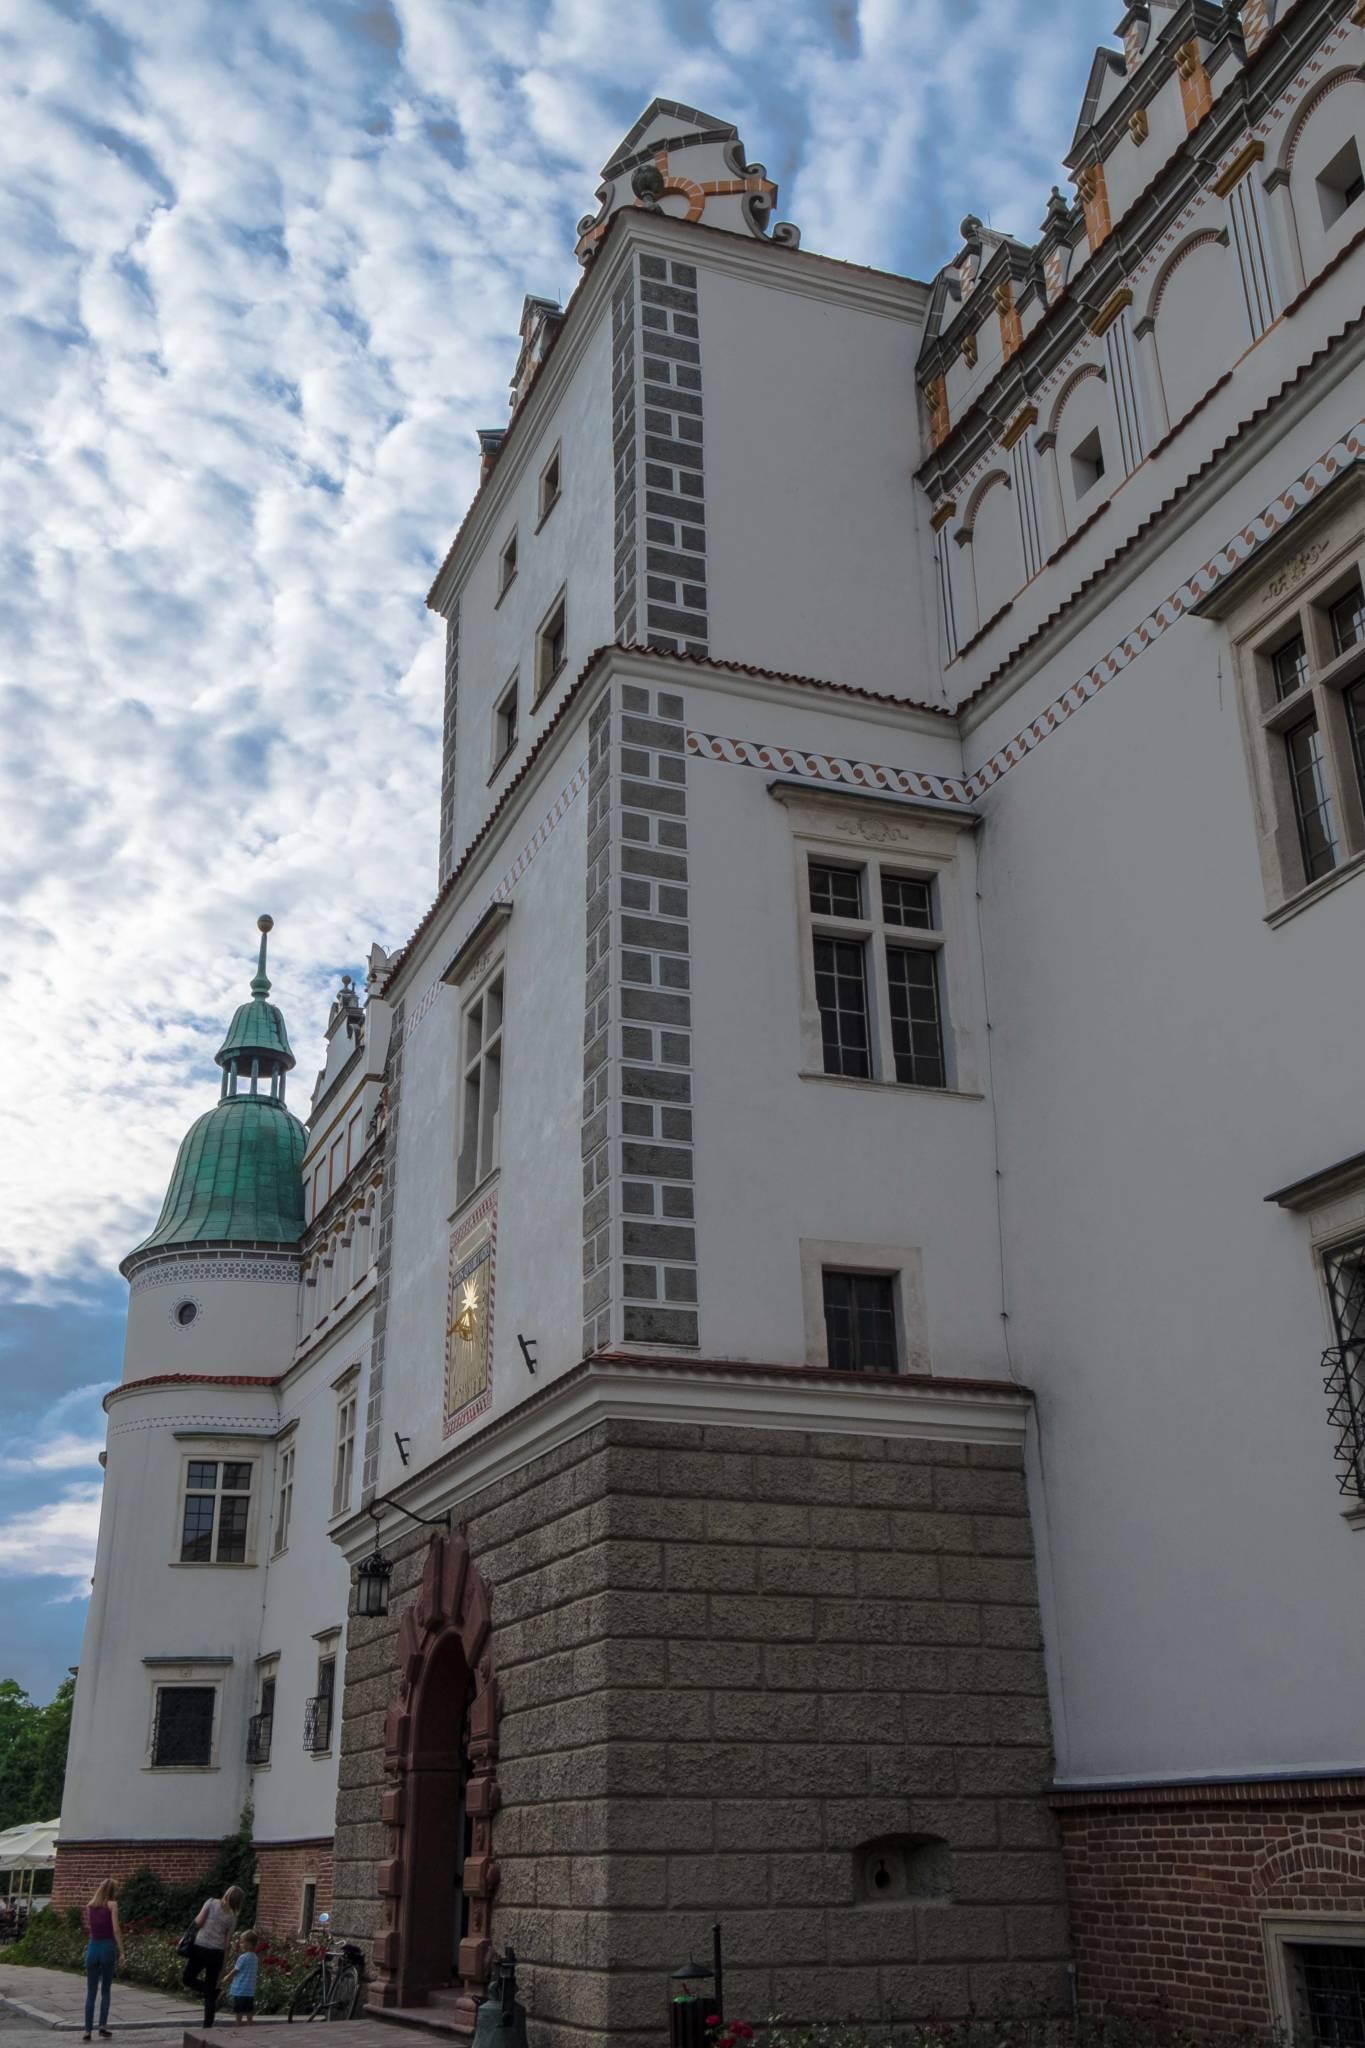 Zamek w Baranowie Sandomierskim (13)